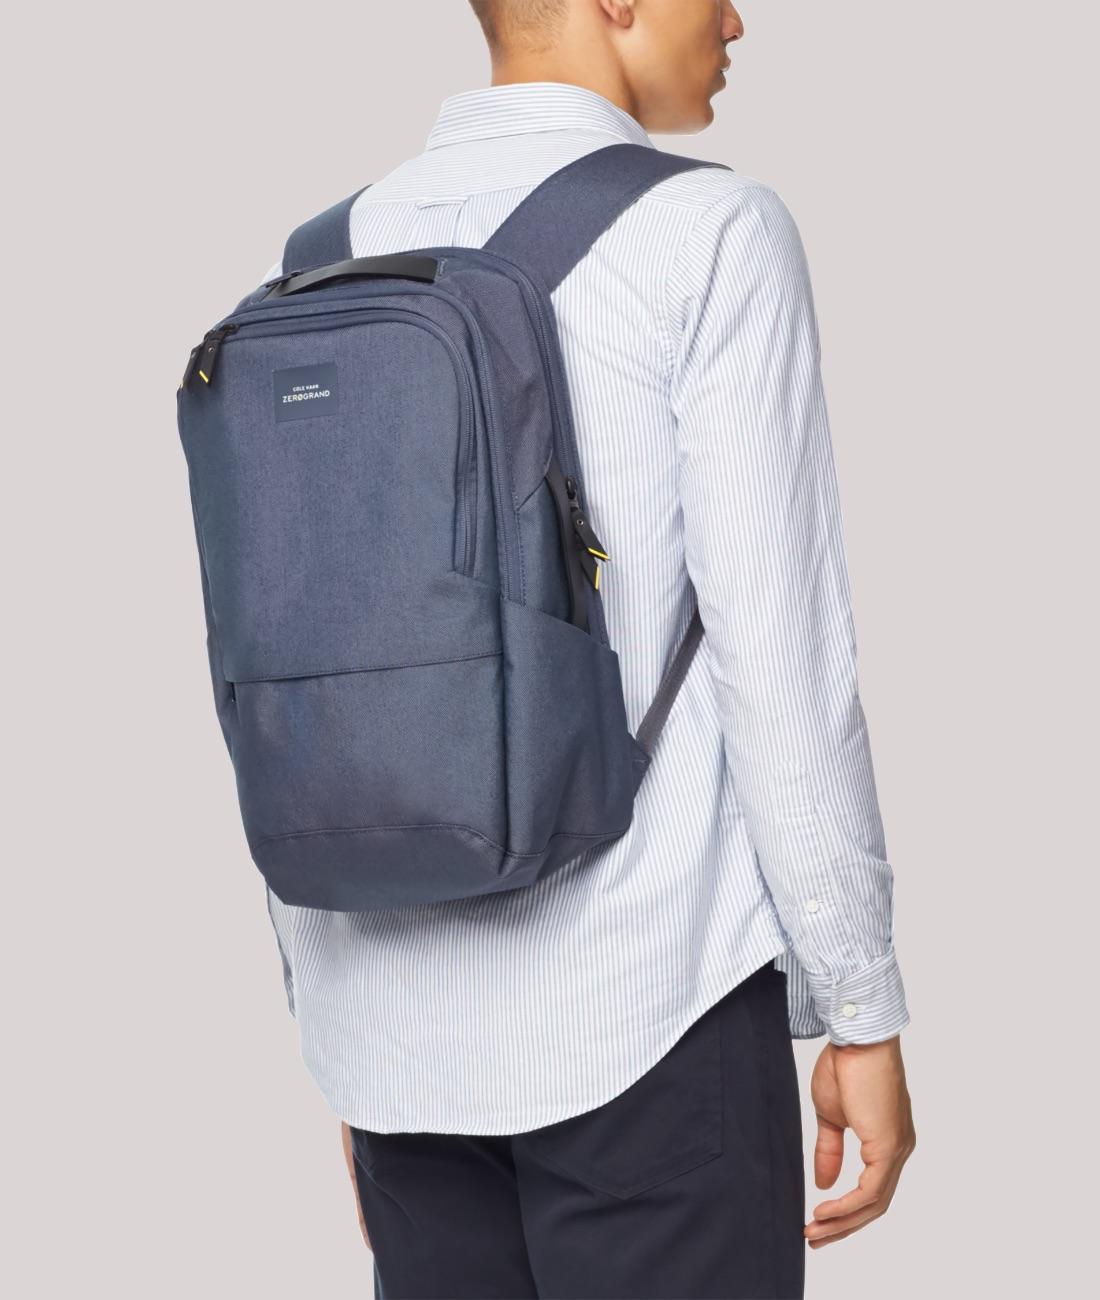 ZERØGRAND Bags